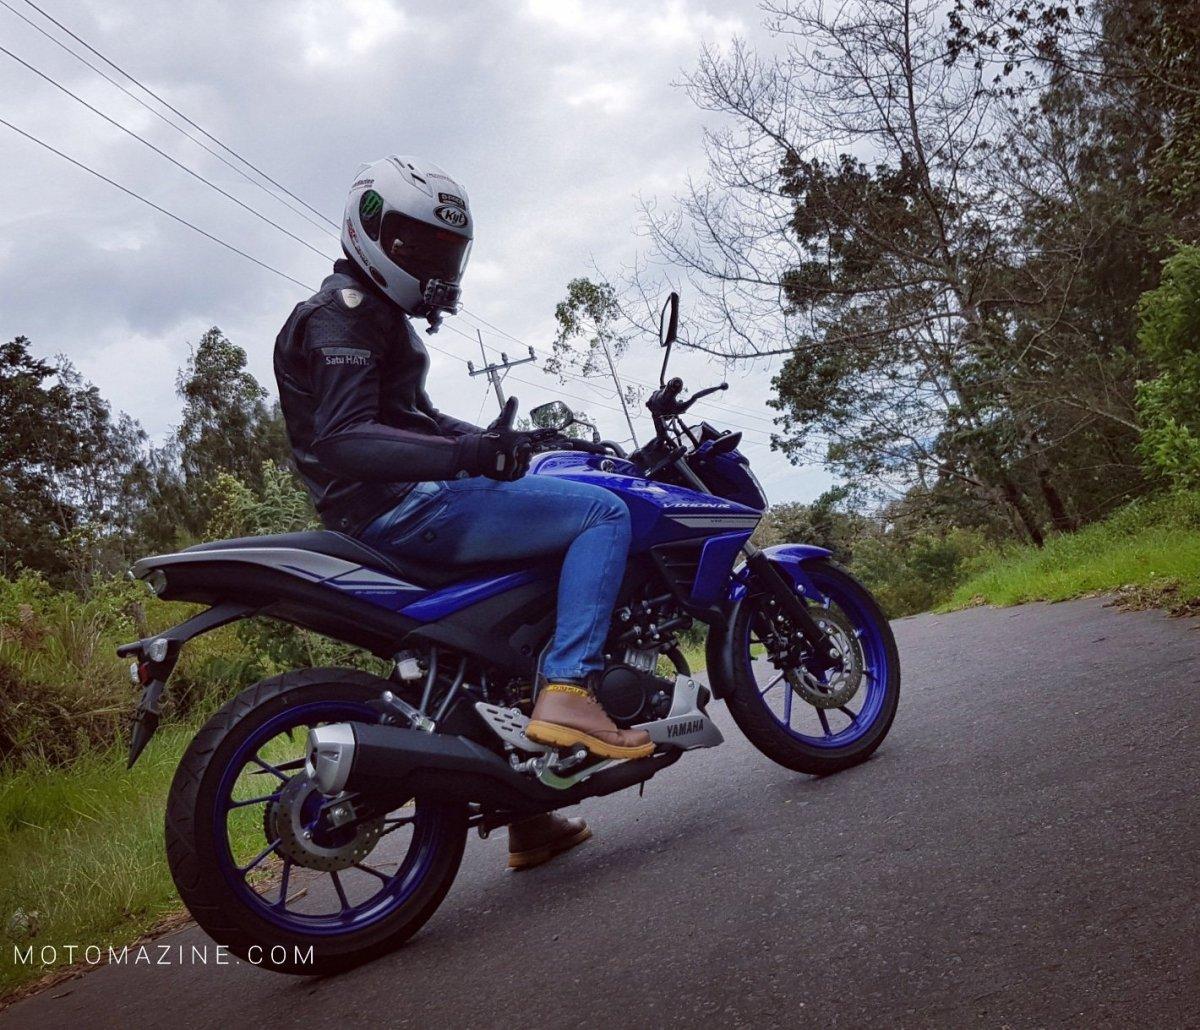 Impresi Total Review Harian Yamaha Vixion R by Motomazine. Handling dan Performa jadiKoentjinya!